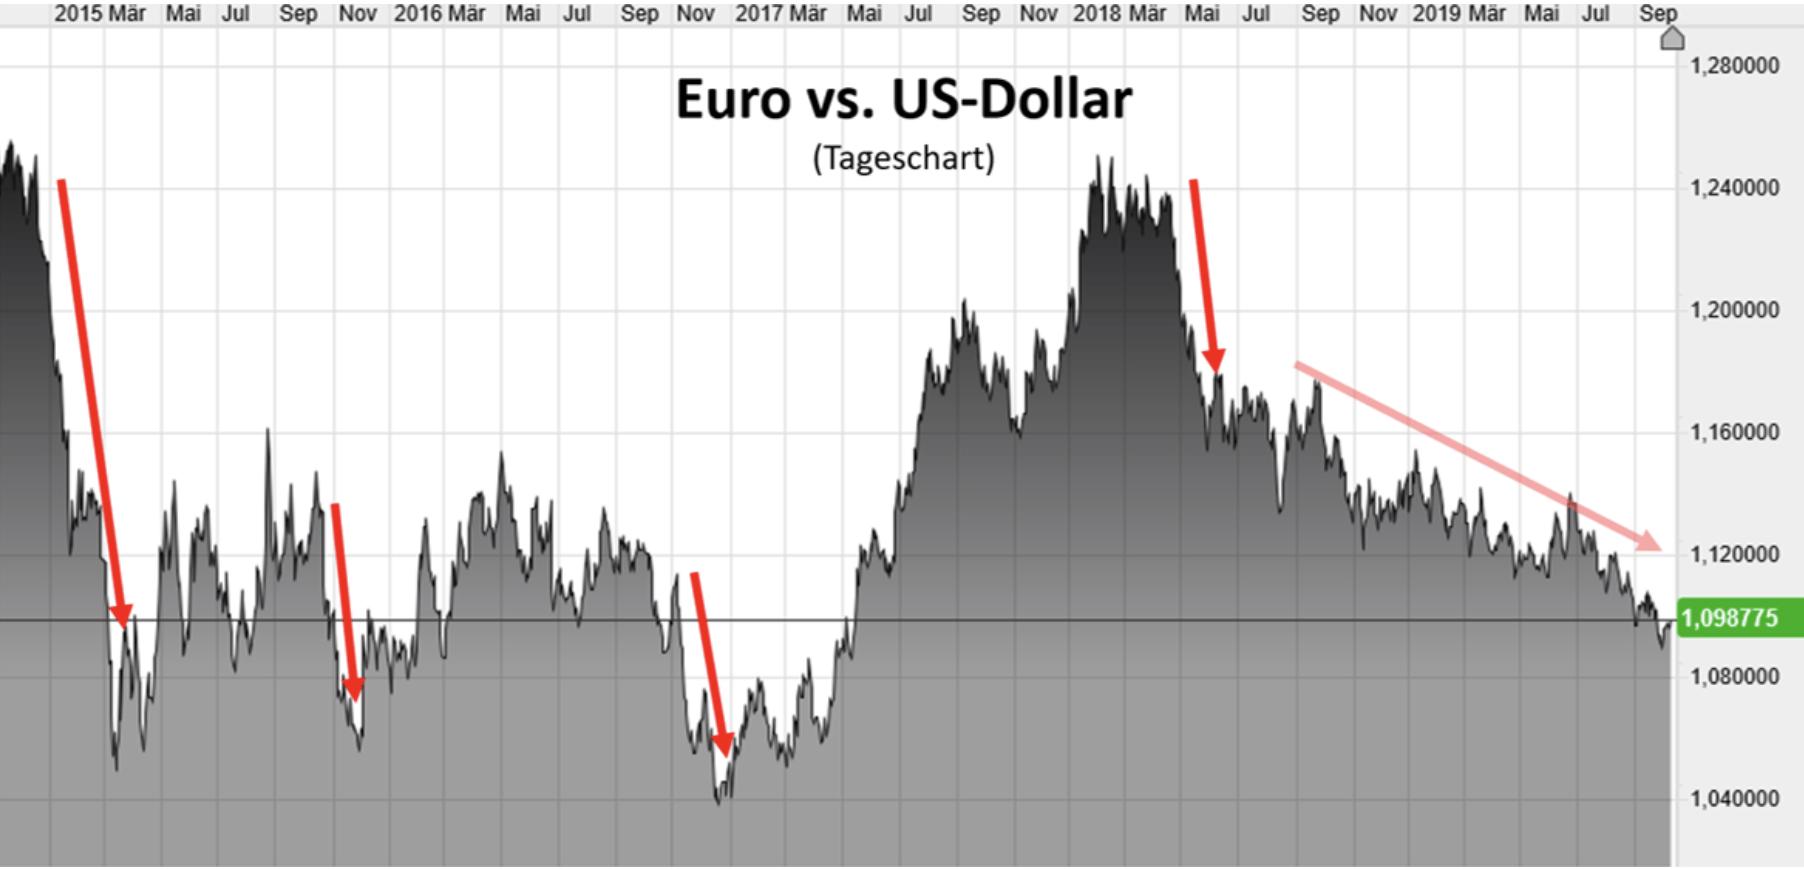 Euro vs US-Dollar seit 2015